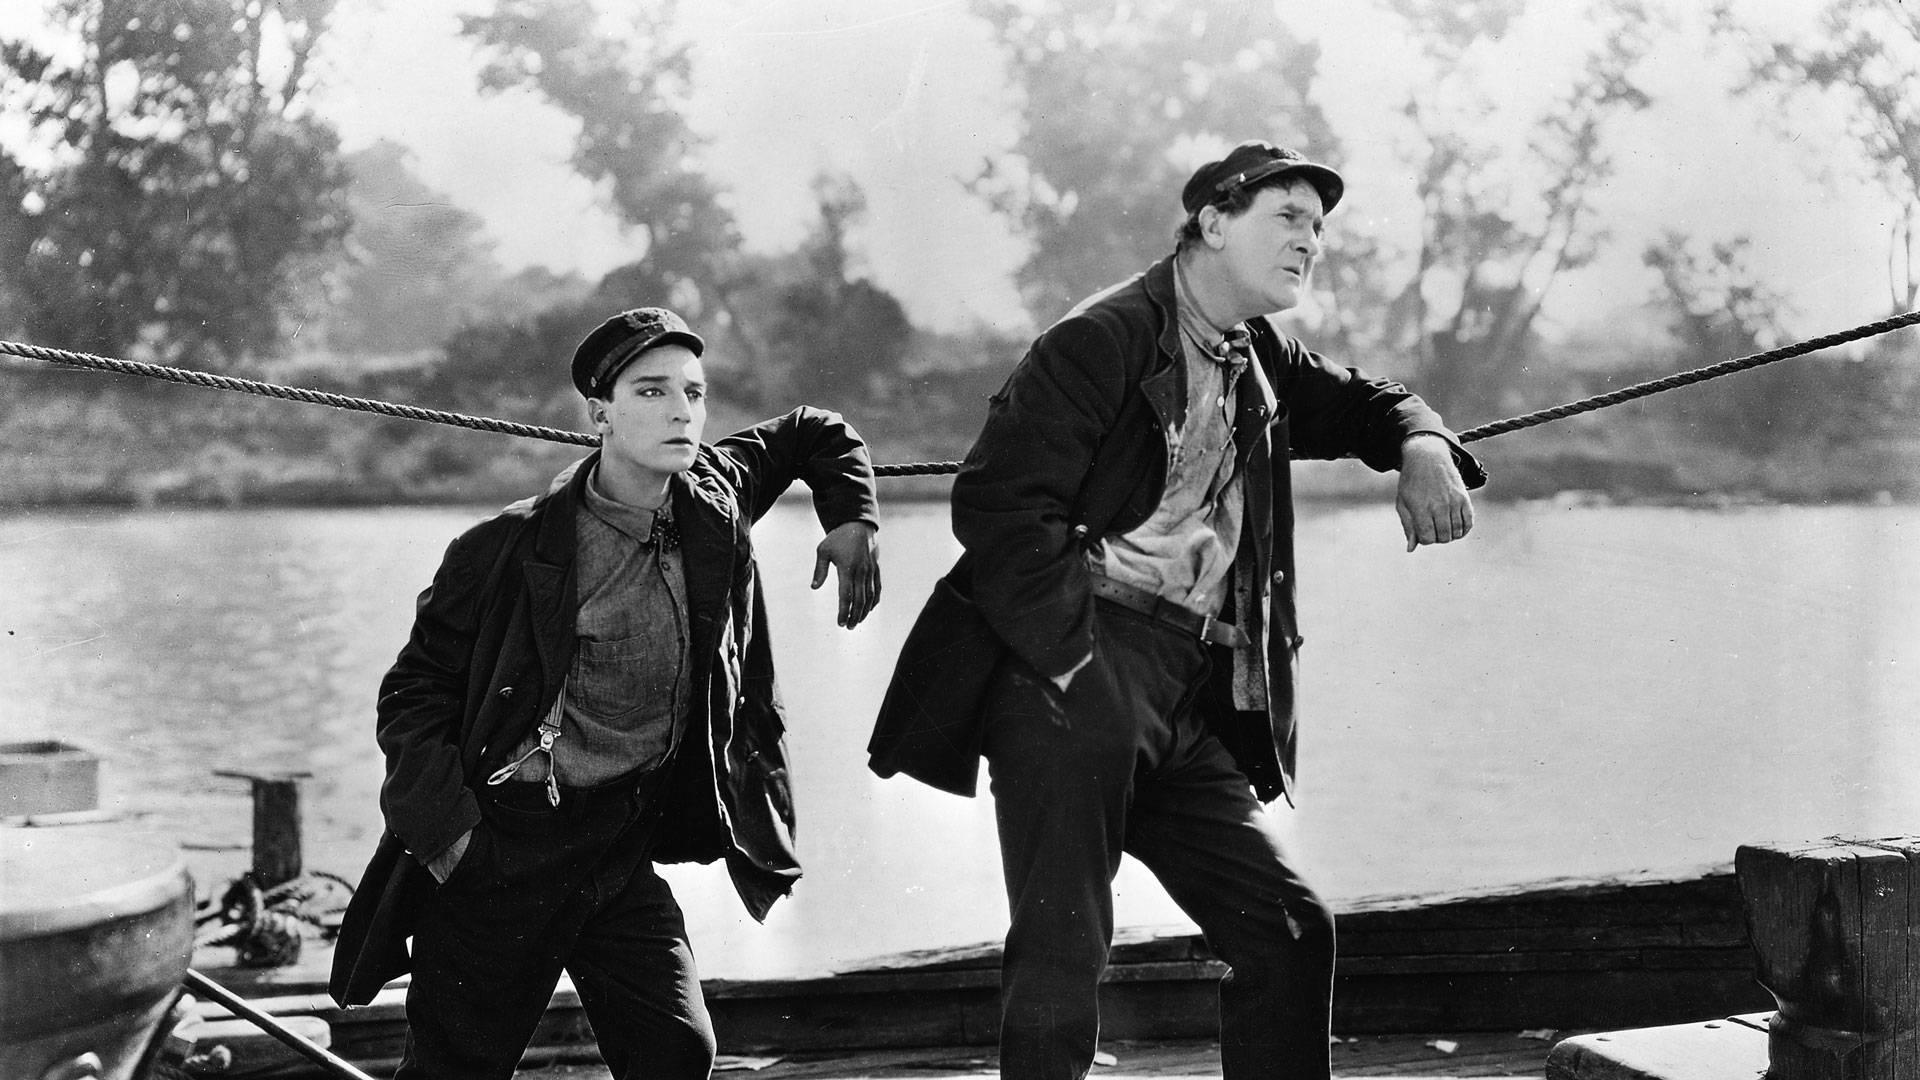 Steamboat Bill Jr. © cinémathèque suisse